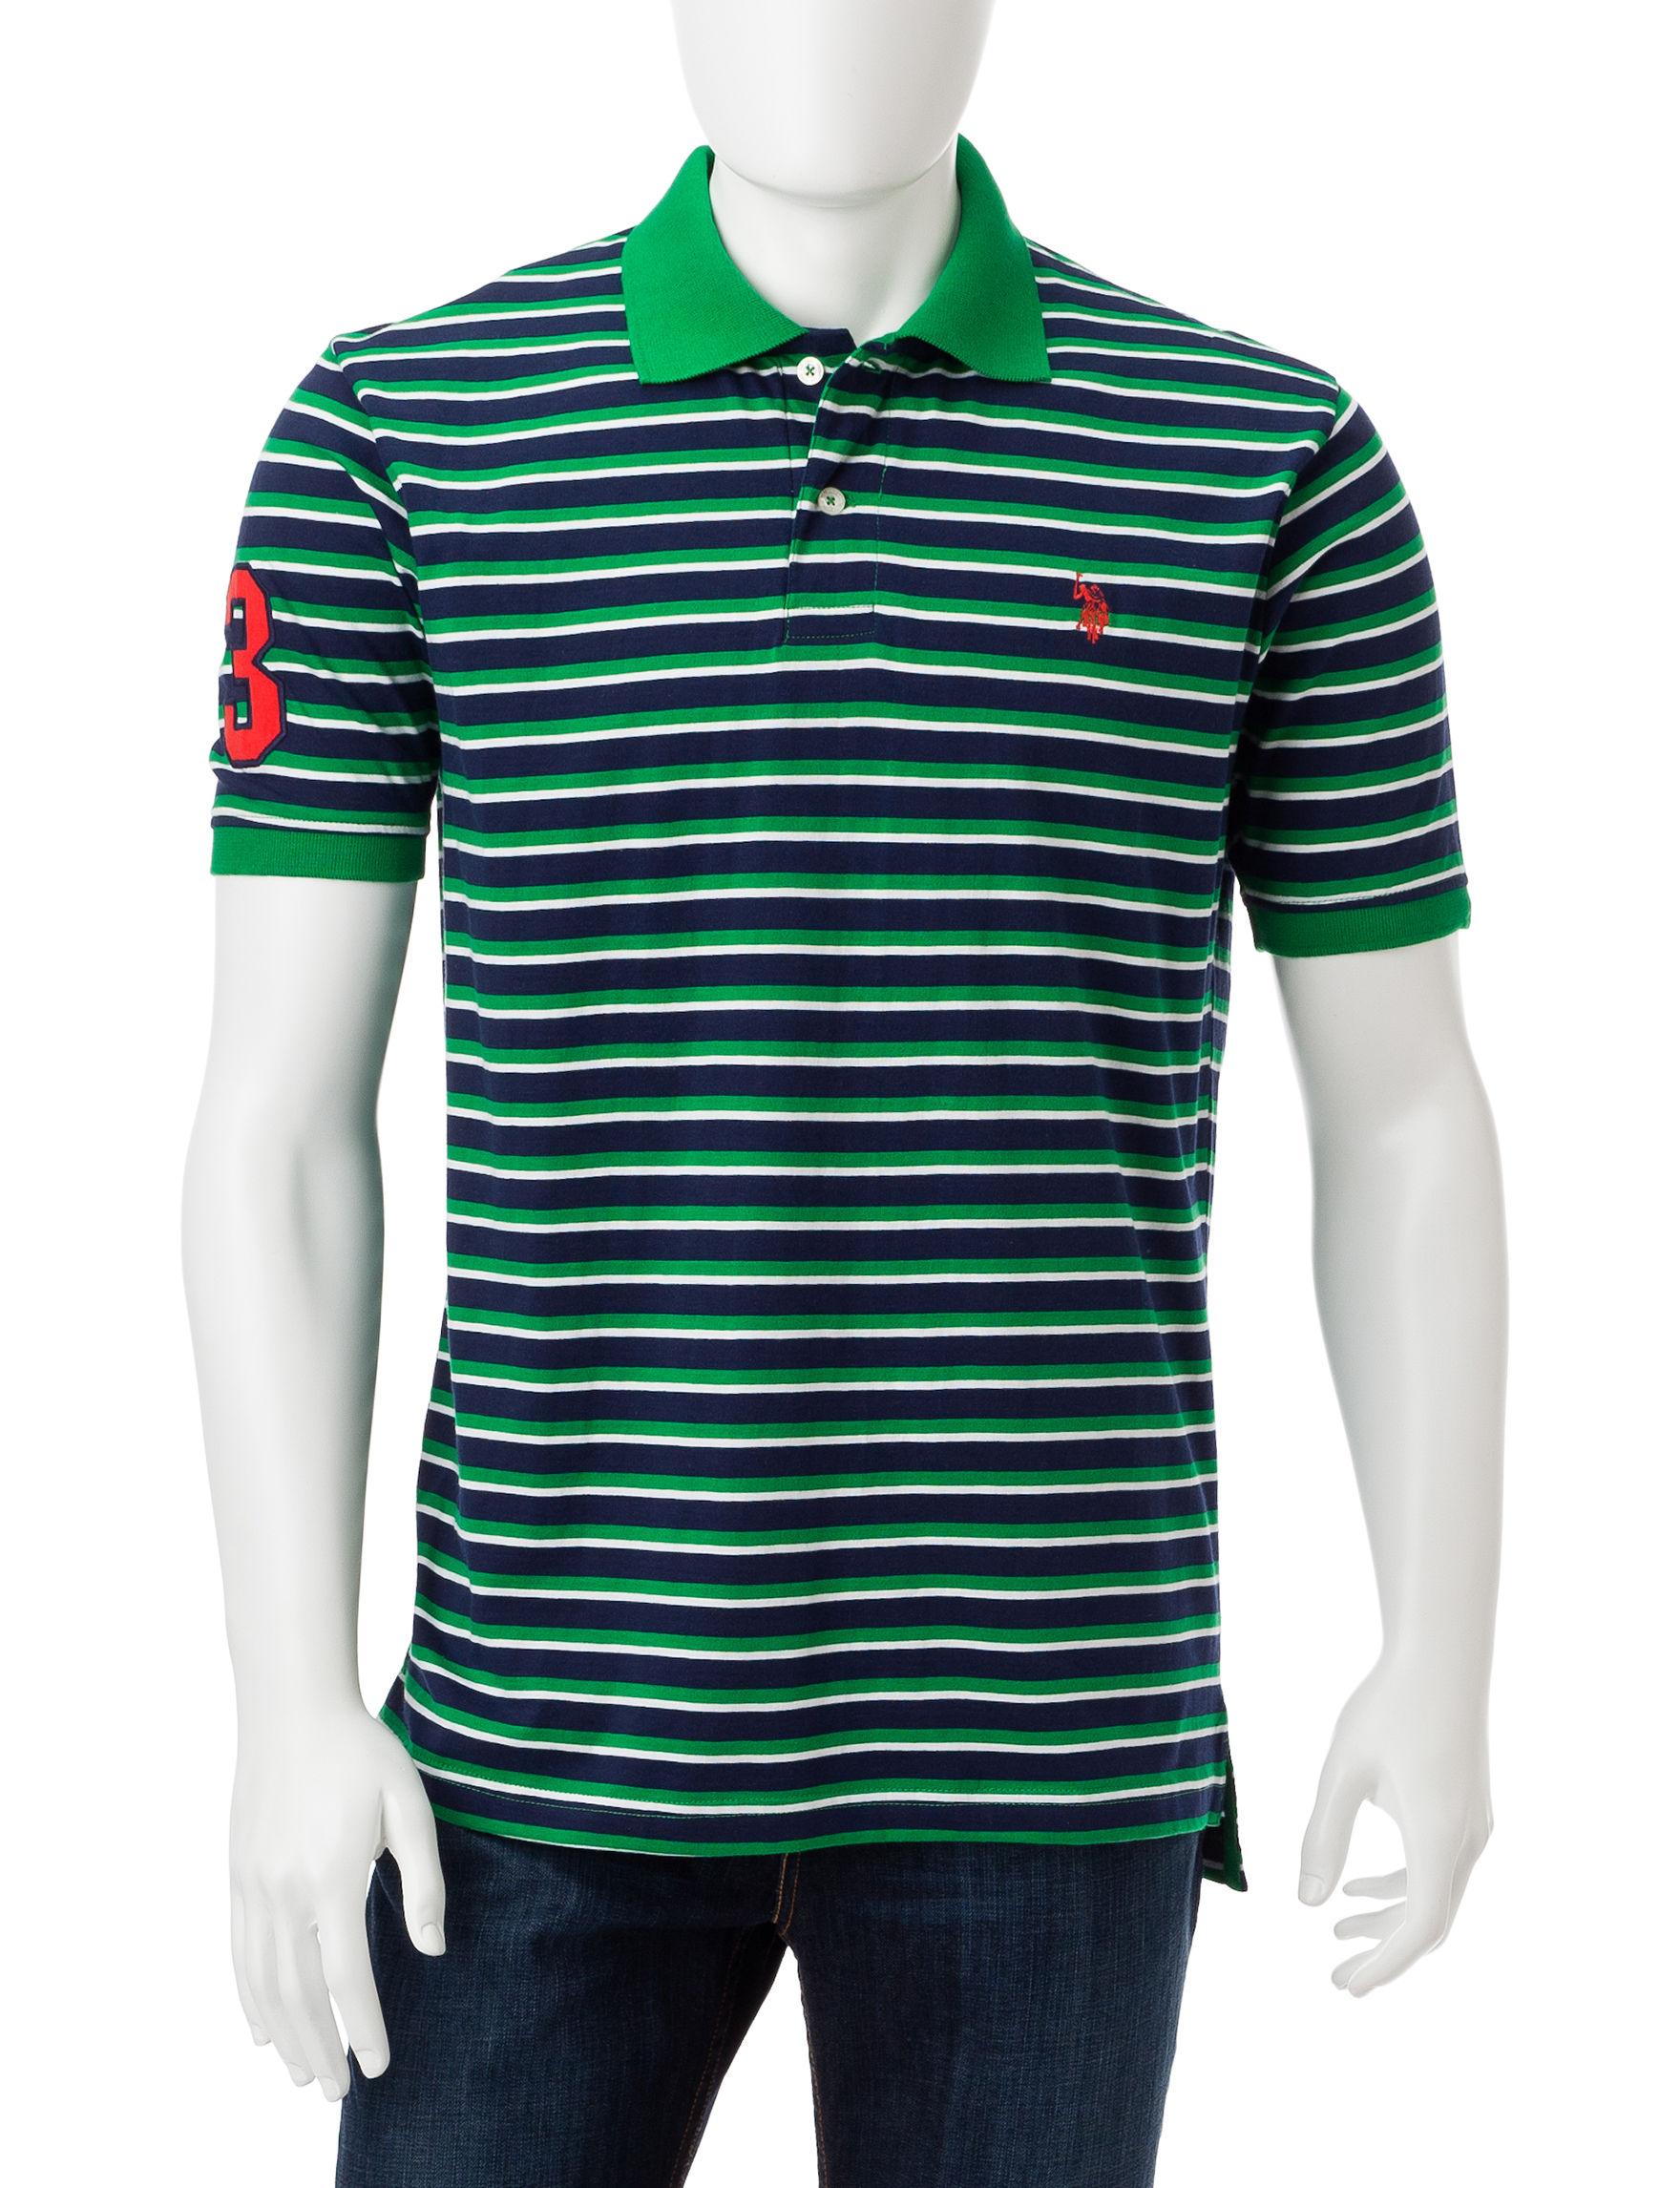 U.S. Polo Assn. Green Classic Polos